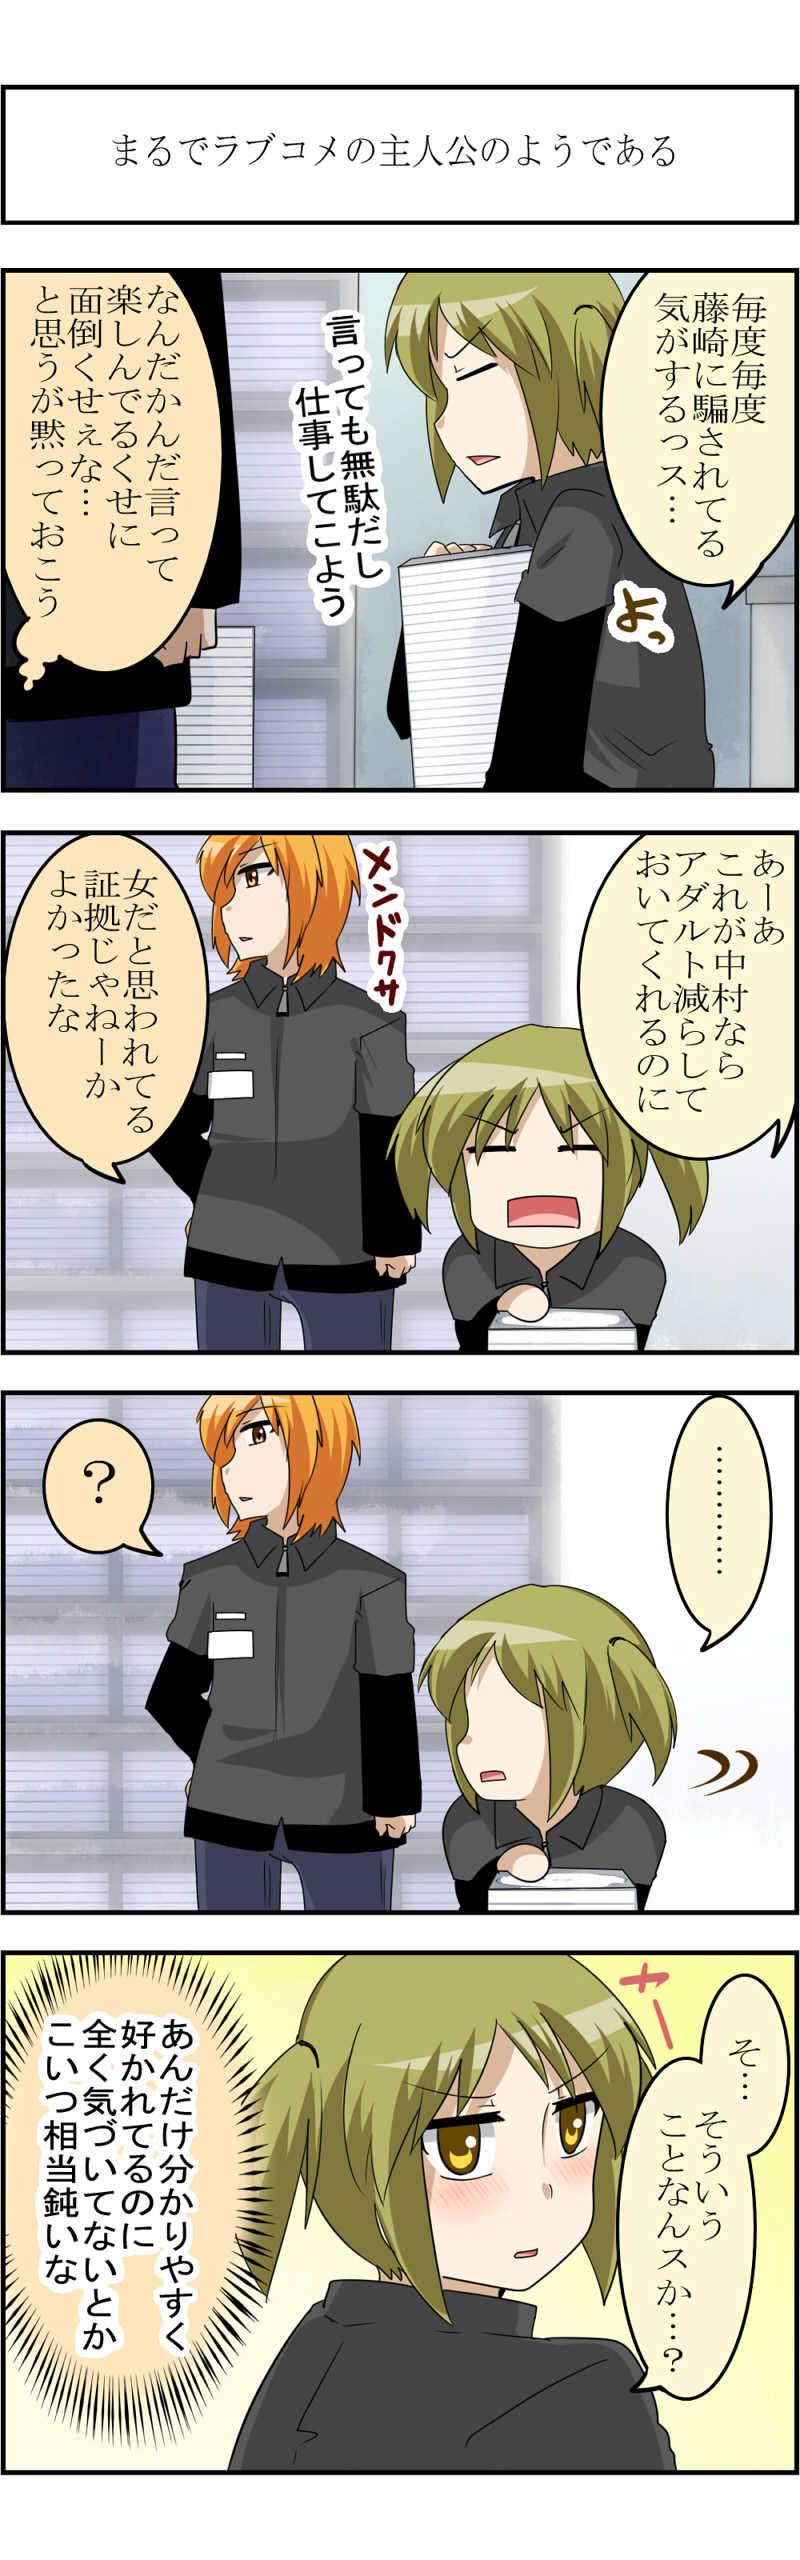 第23話「高橋VS藤崎」